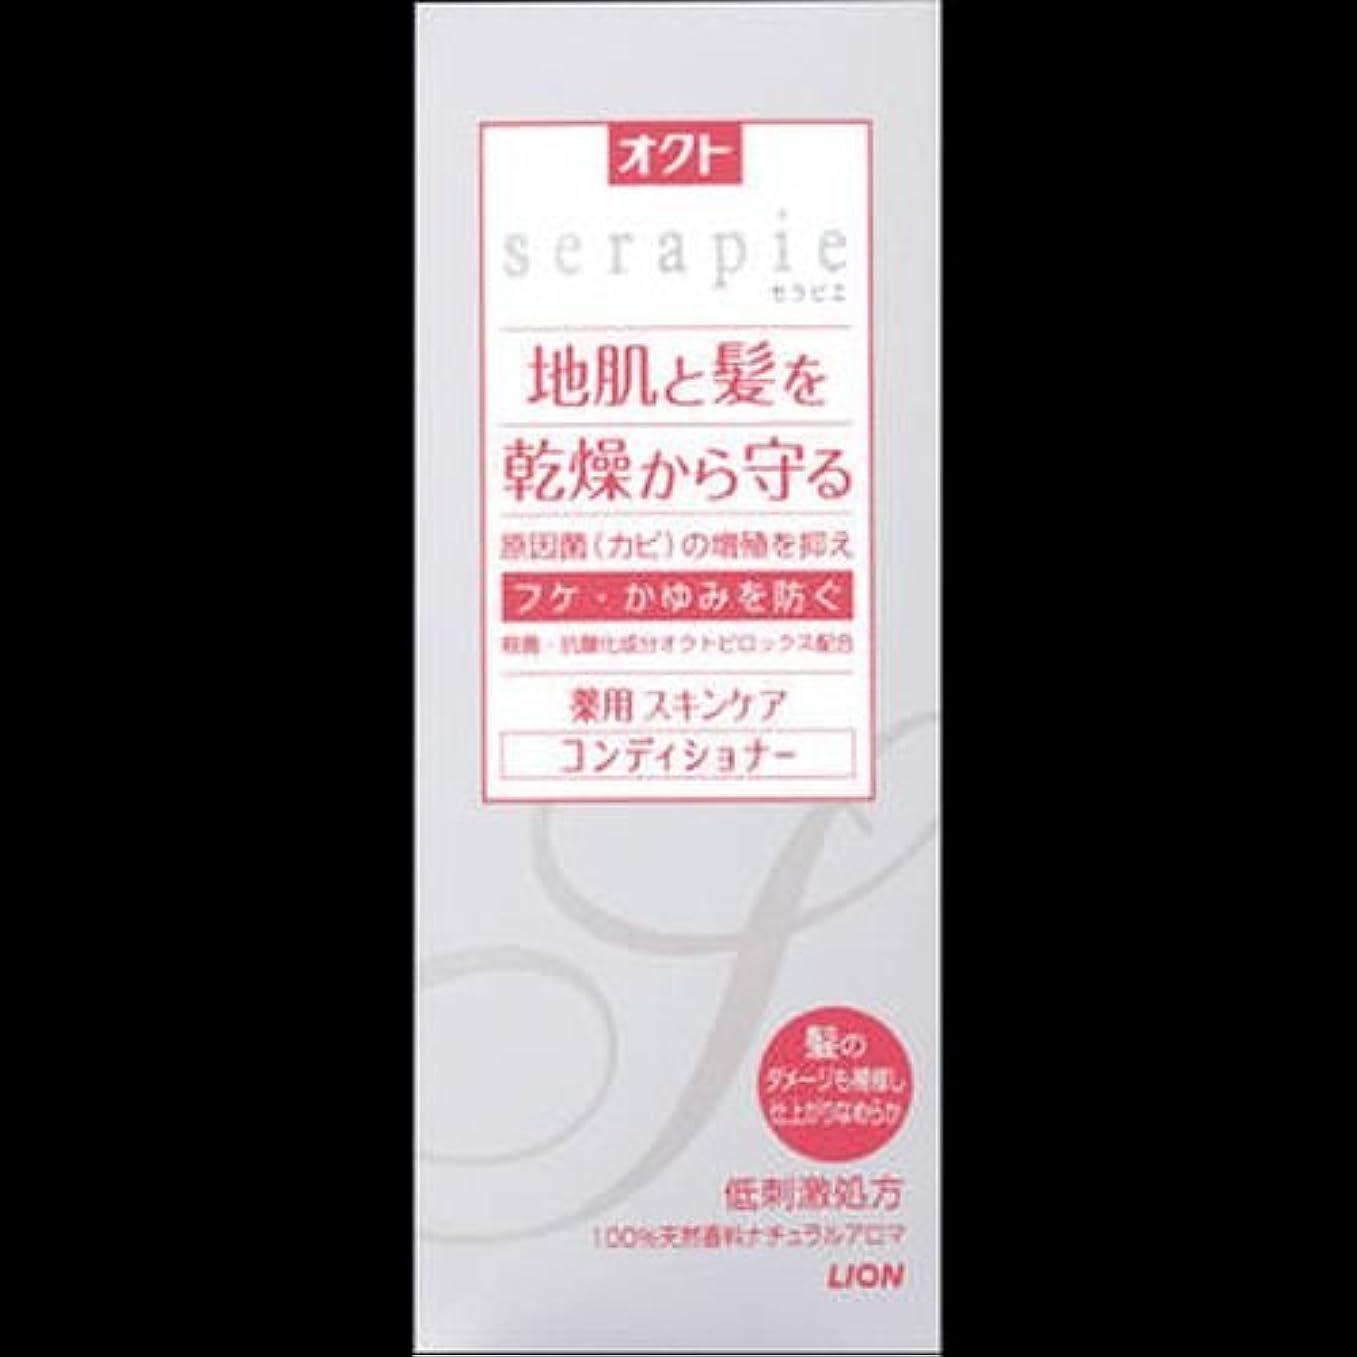 例印象的な夢【ライオン】オクトserapie(セラピエ) 薬用スキンケアコンディショナー 230ml ×2個セット